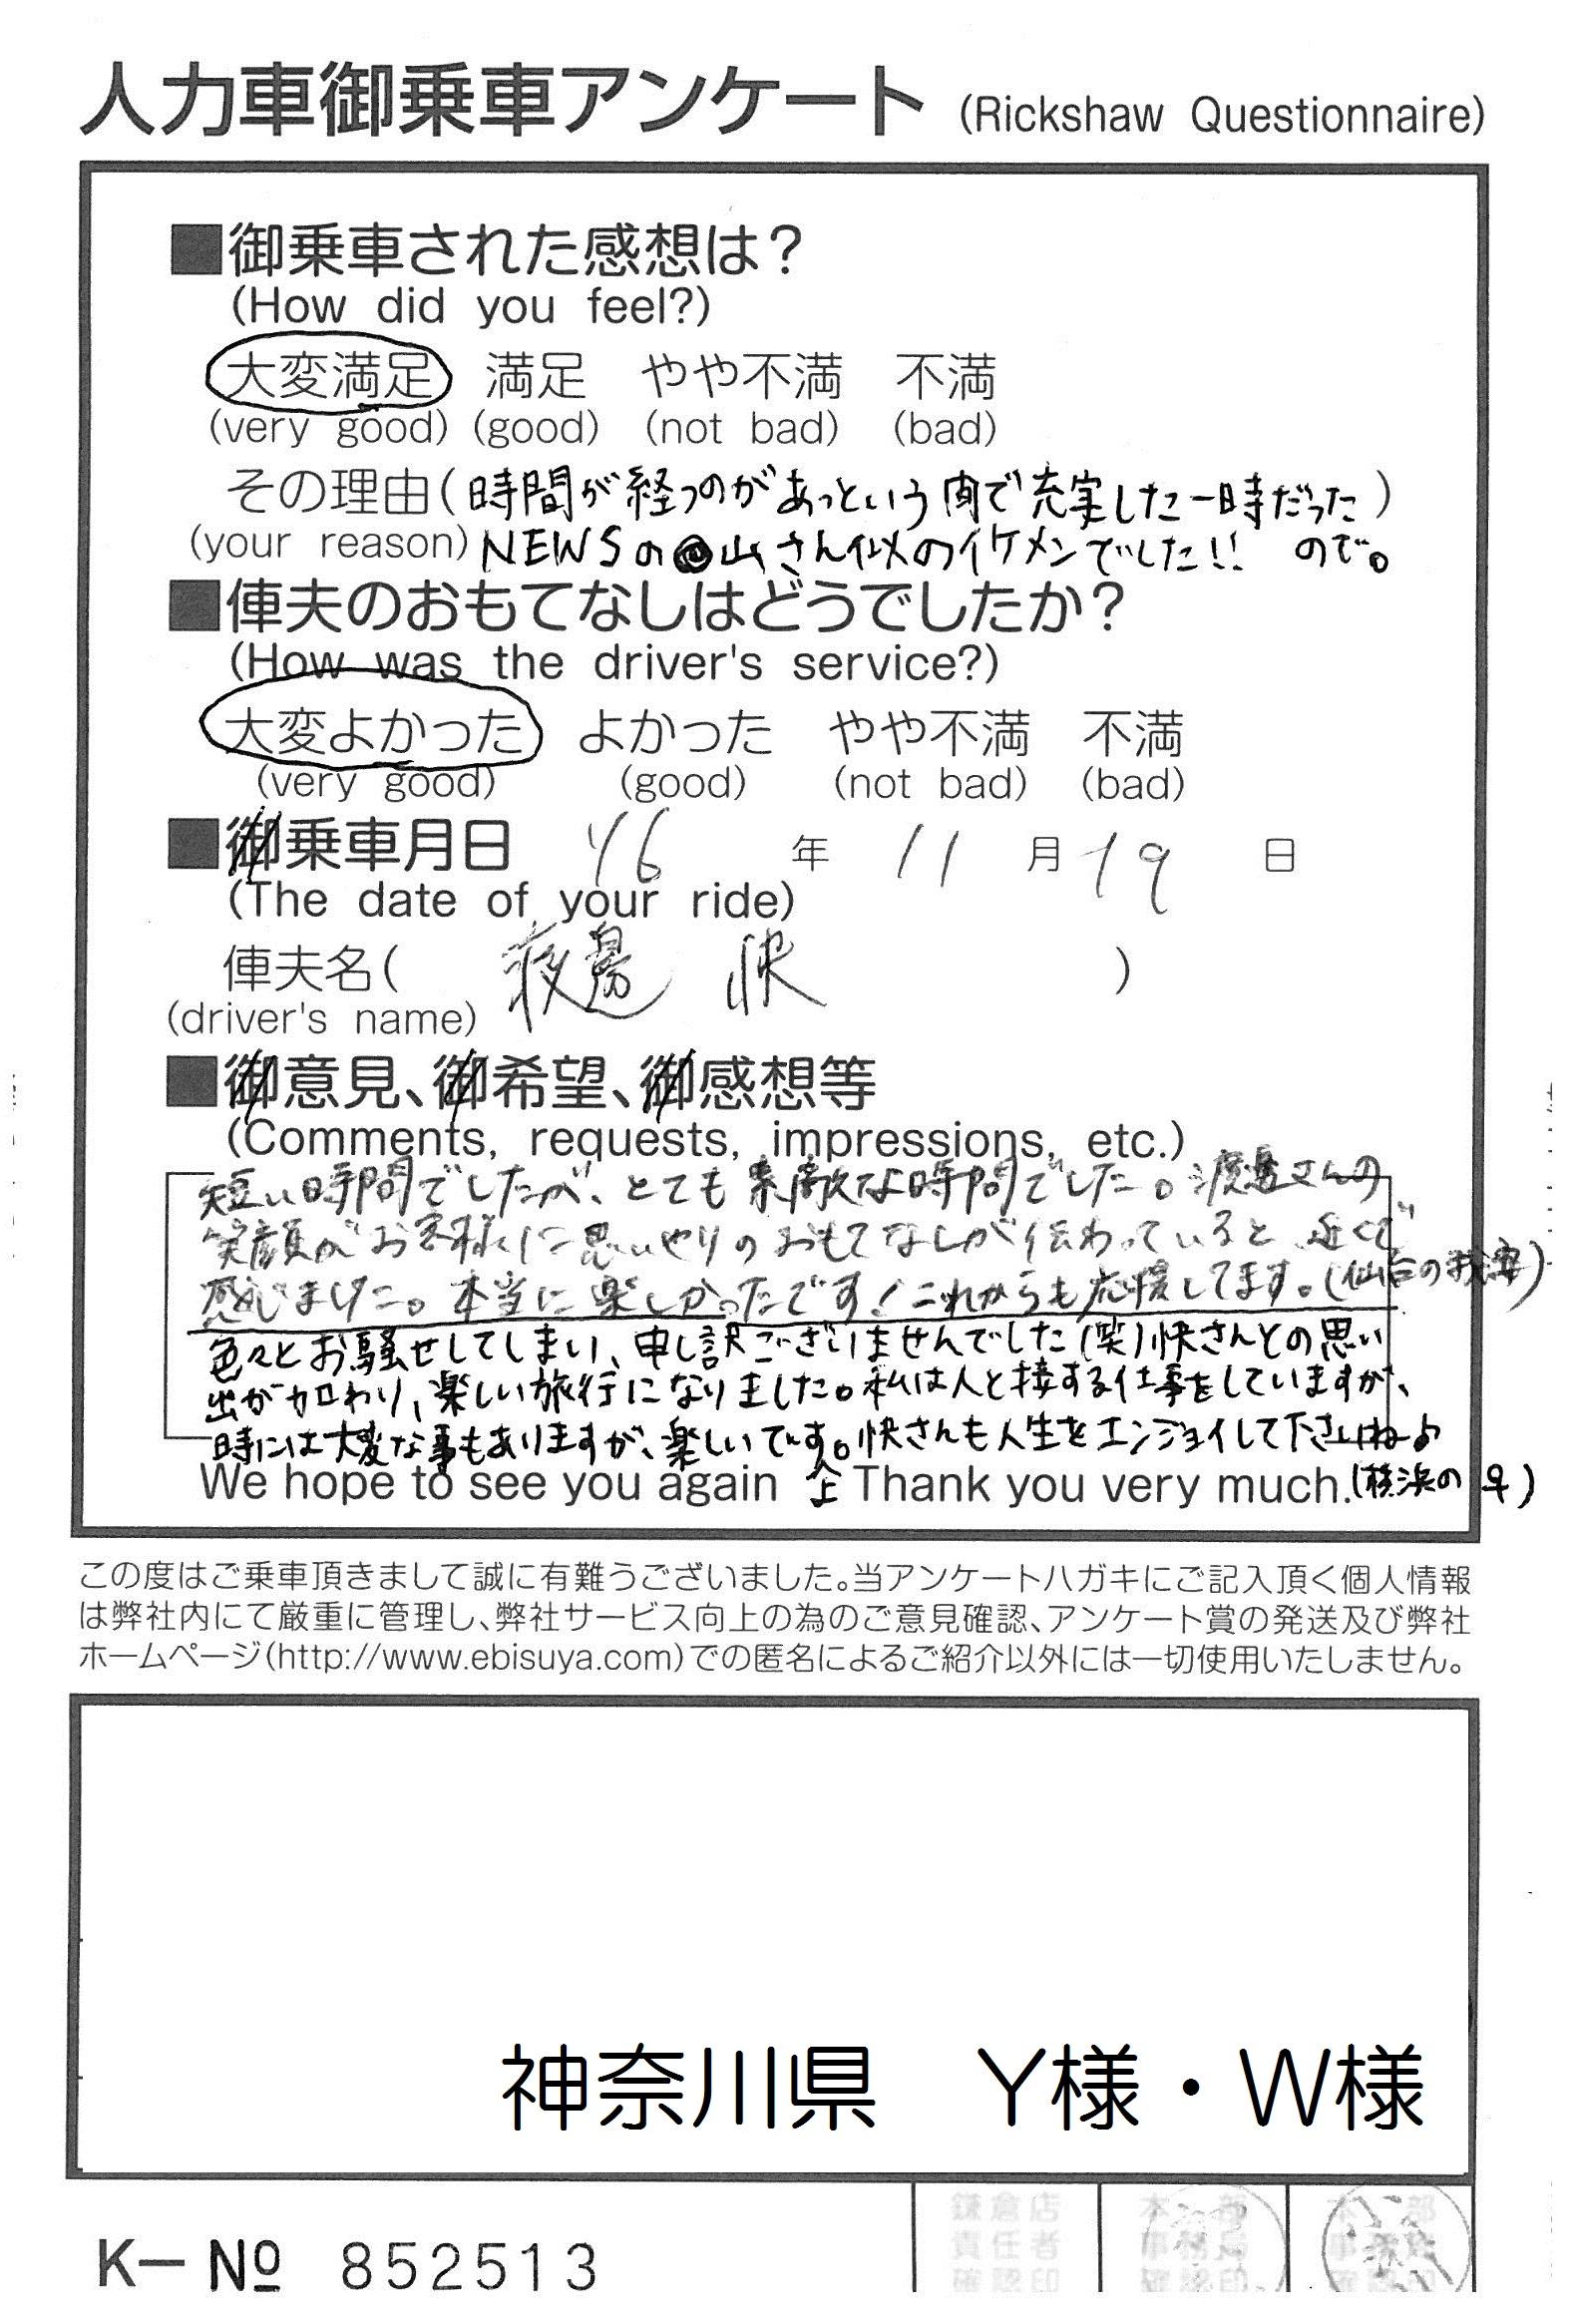 神奈川県 Y様・W様